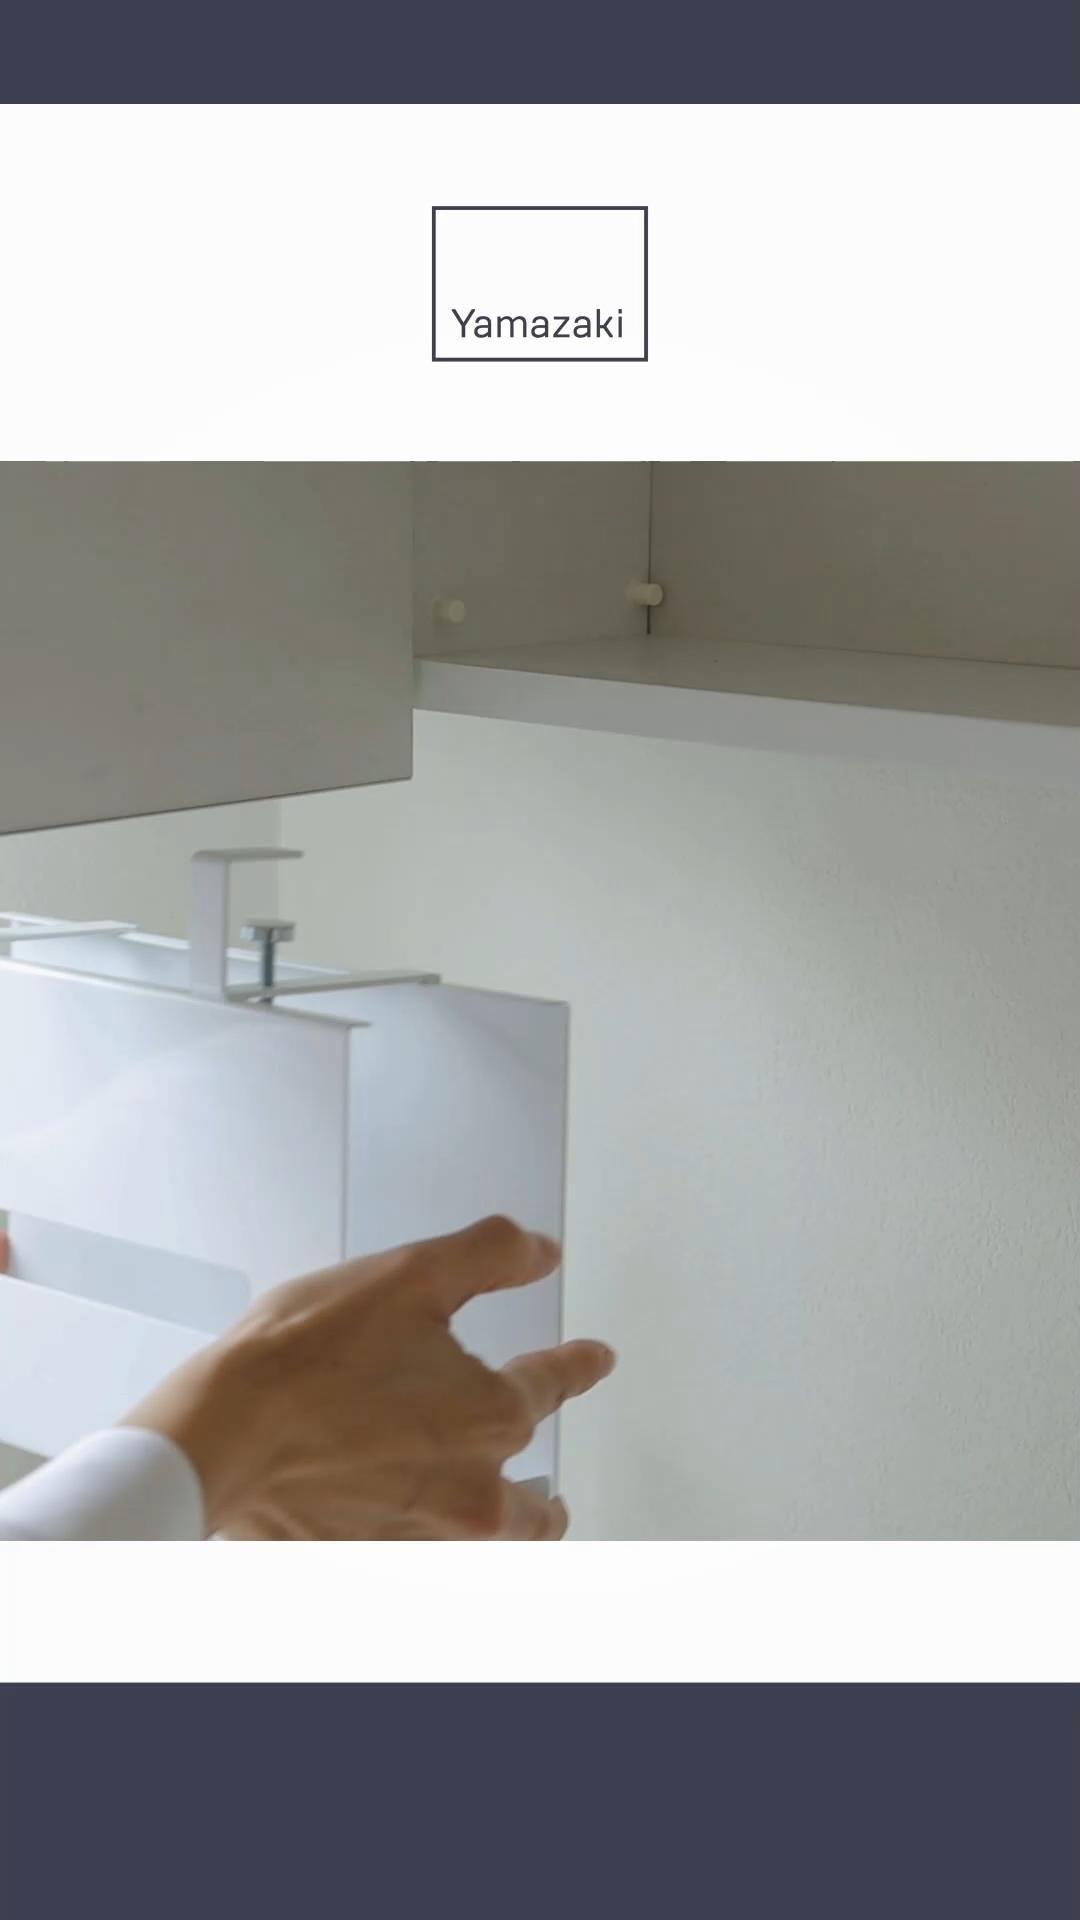 洗面戸棚下ペーパーボックスホルダー タワー 動画 洗面所 おしゃれ Diy 造作 洗面台 インテリア 収納